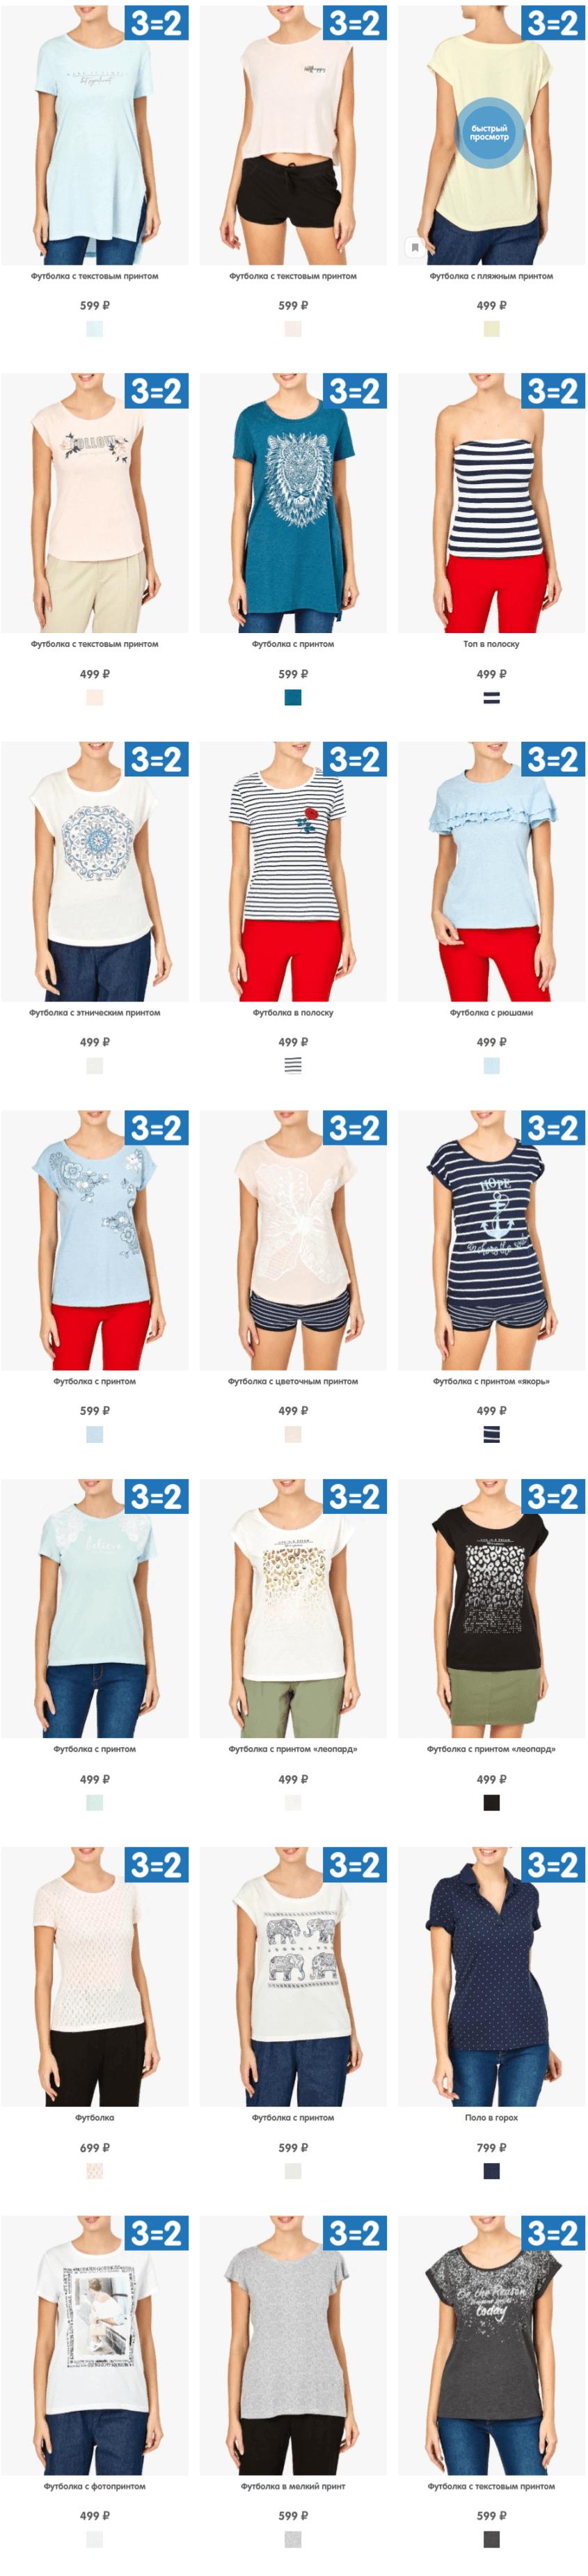 004 - Купить Женские футболки и топы в интернет магазине одежды Funday shop